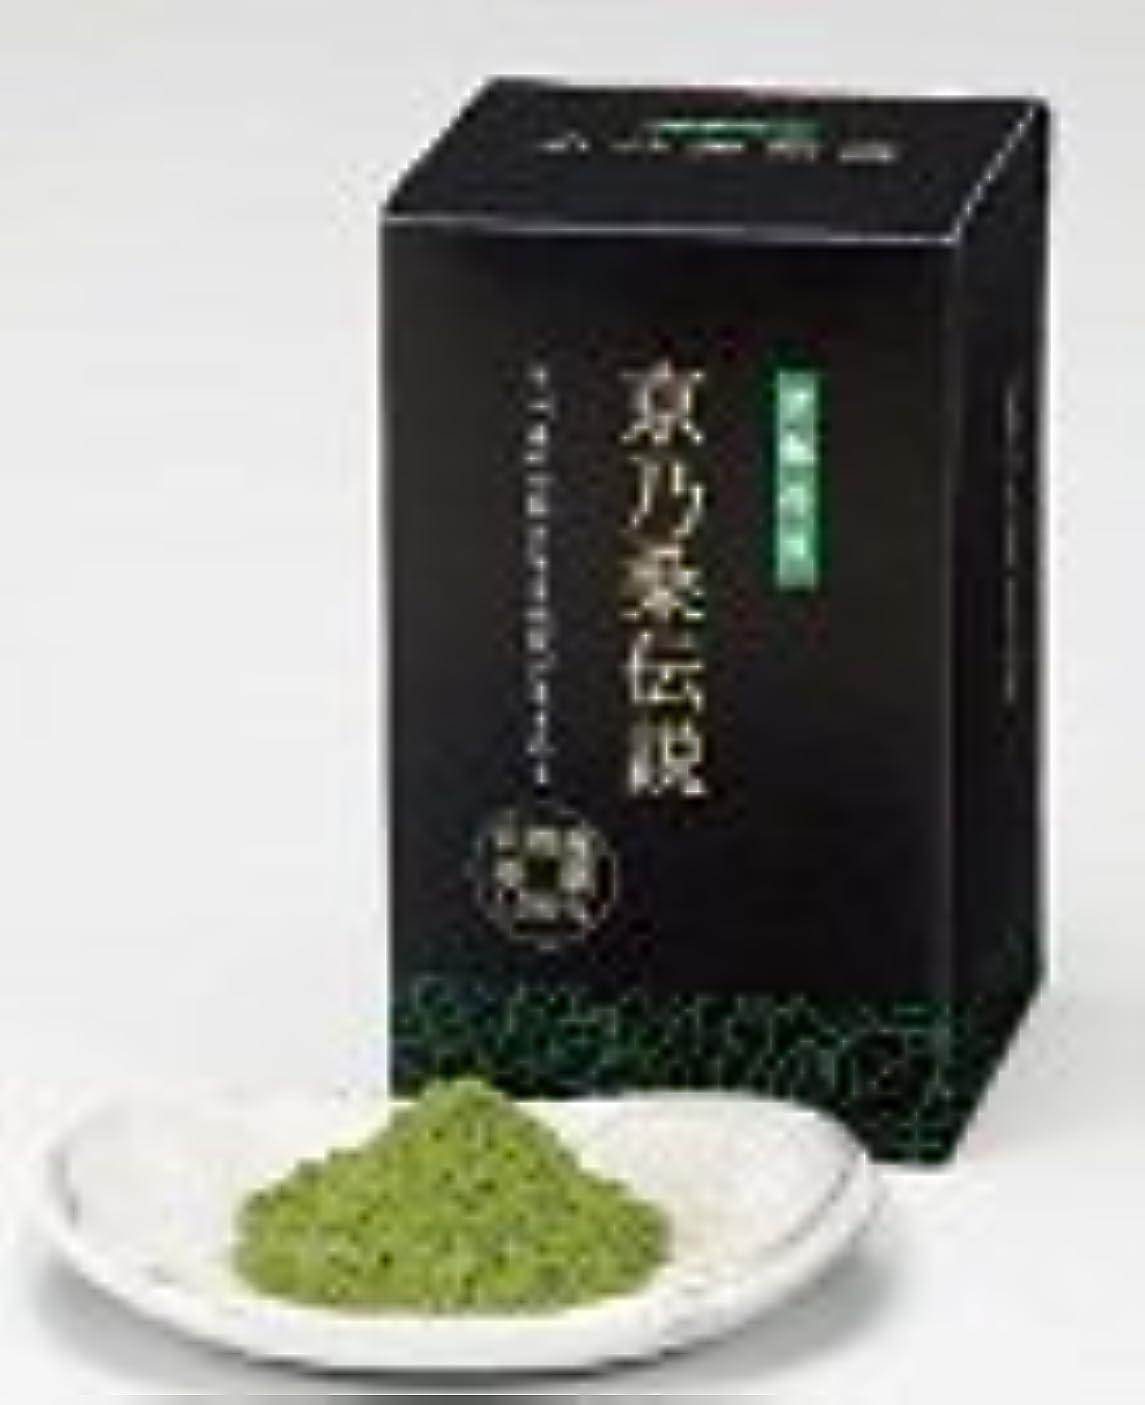 説明コンデンサーエレクトロニック京乃桑伝説(桑の葉粉茶、青汁)お試し10袋入り